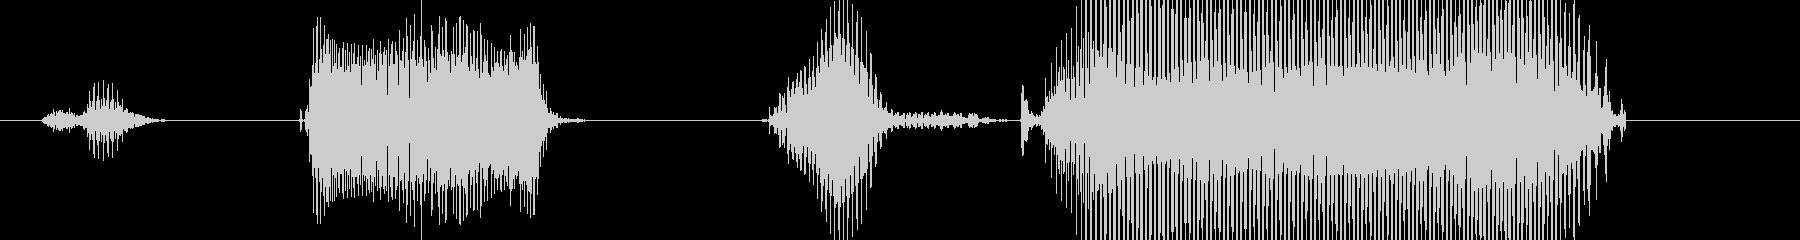 ステップ5(こども2)の未再生の波形